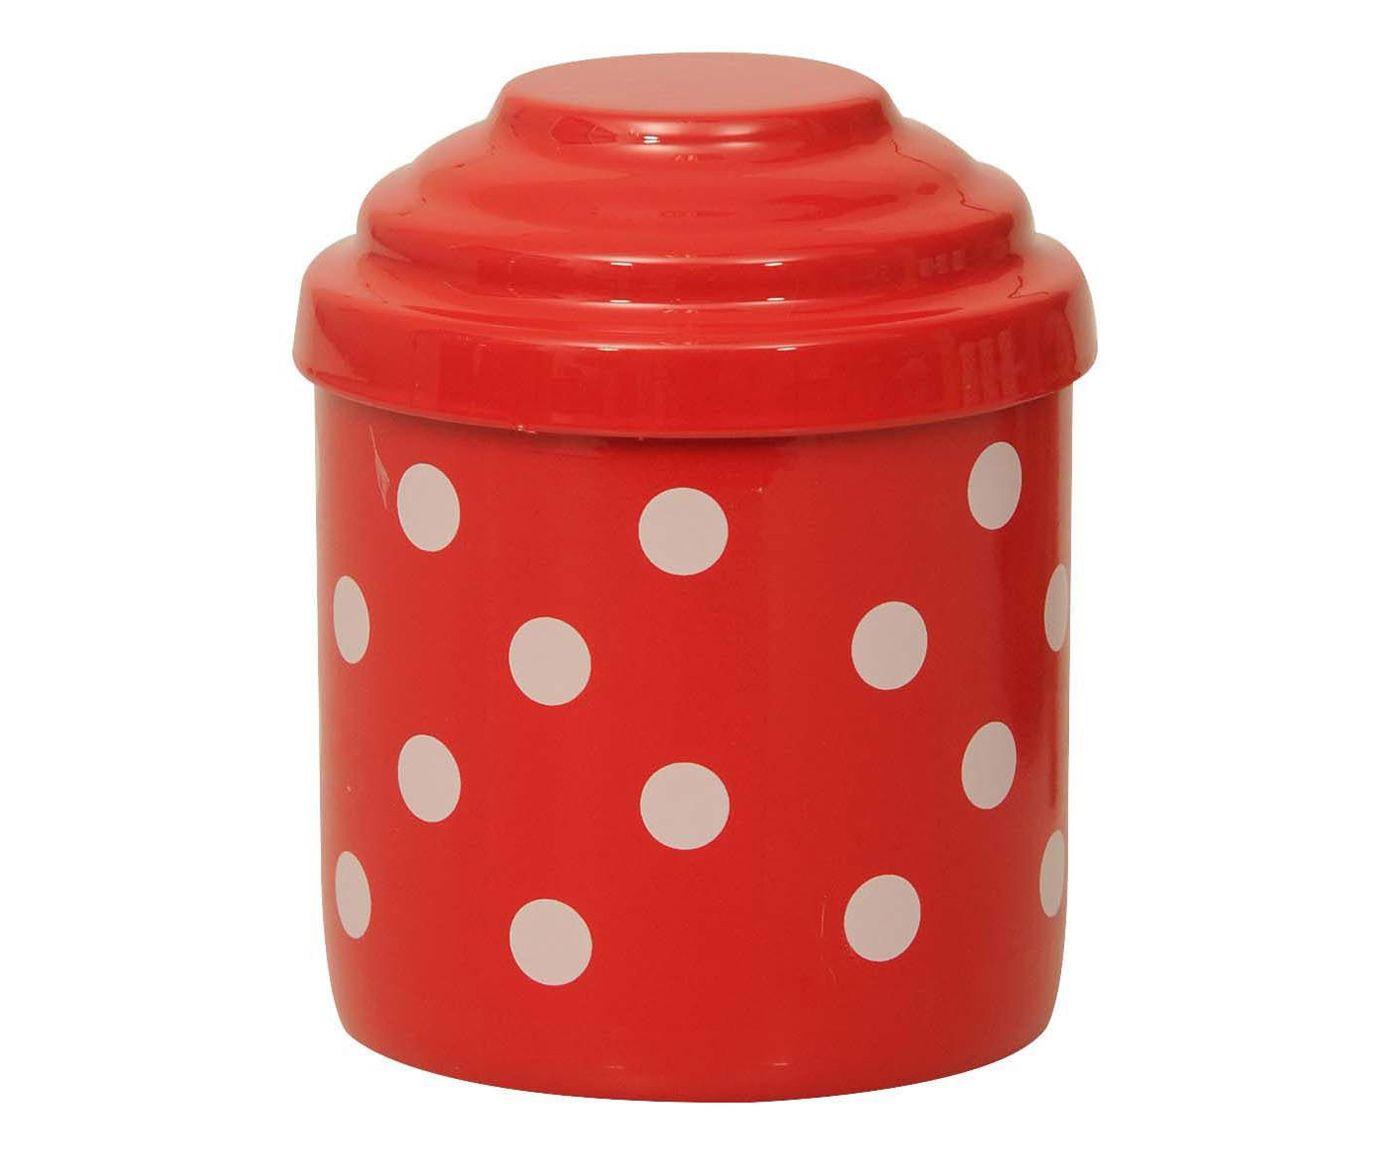 Porta-Condimentos Polka Dots - Vermelho e Branco   Westwing.com.br